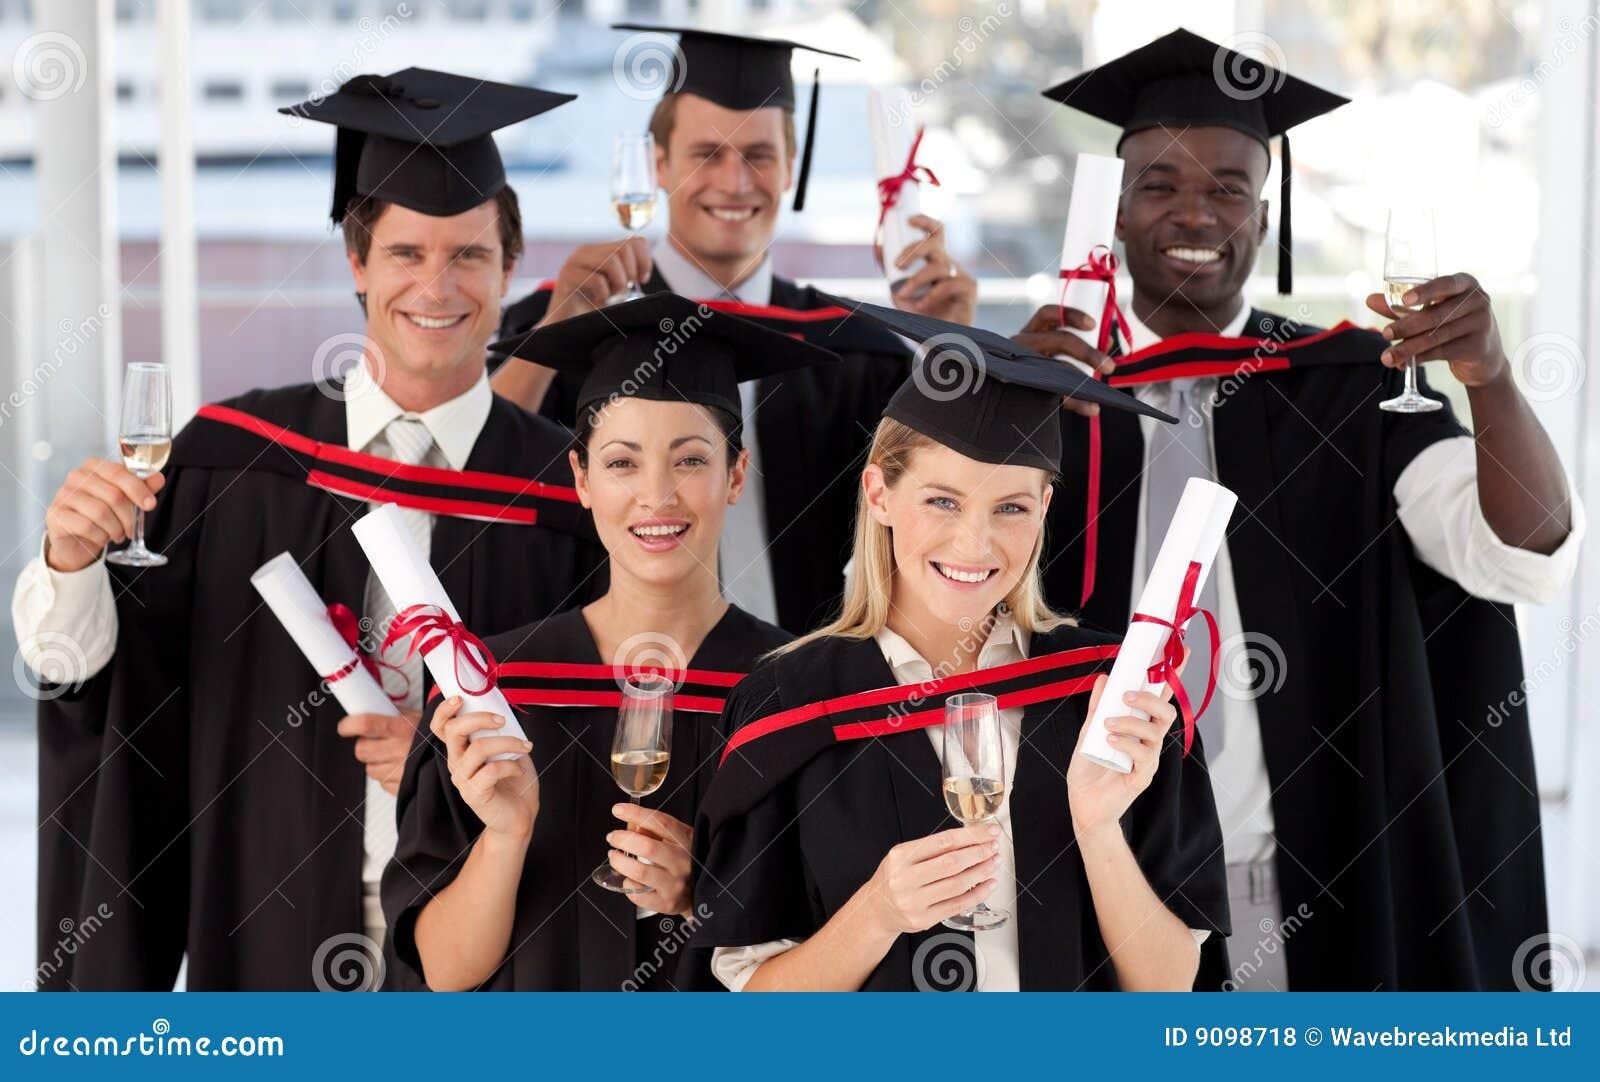 Gruppe von Personen, die von der Hochschule graduiert